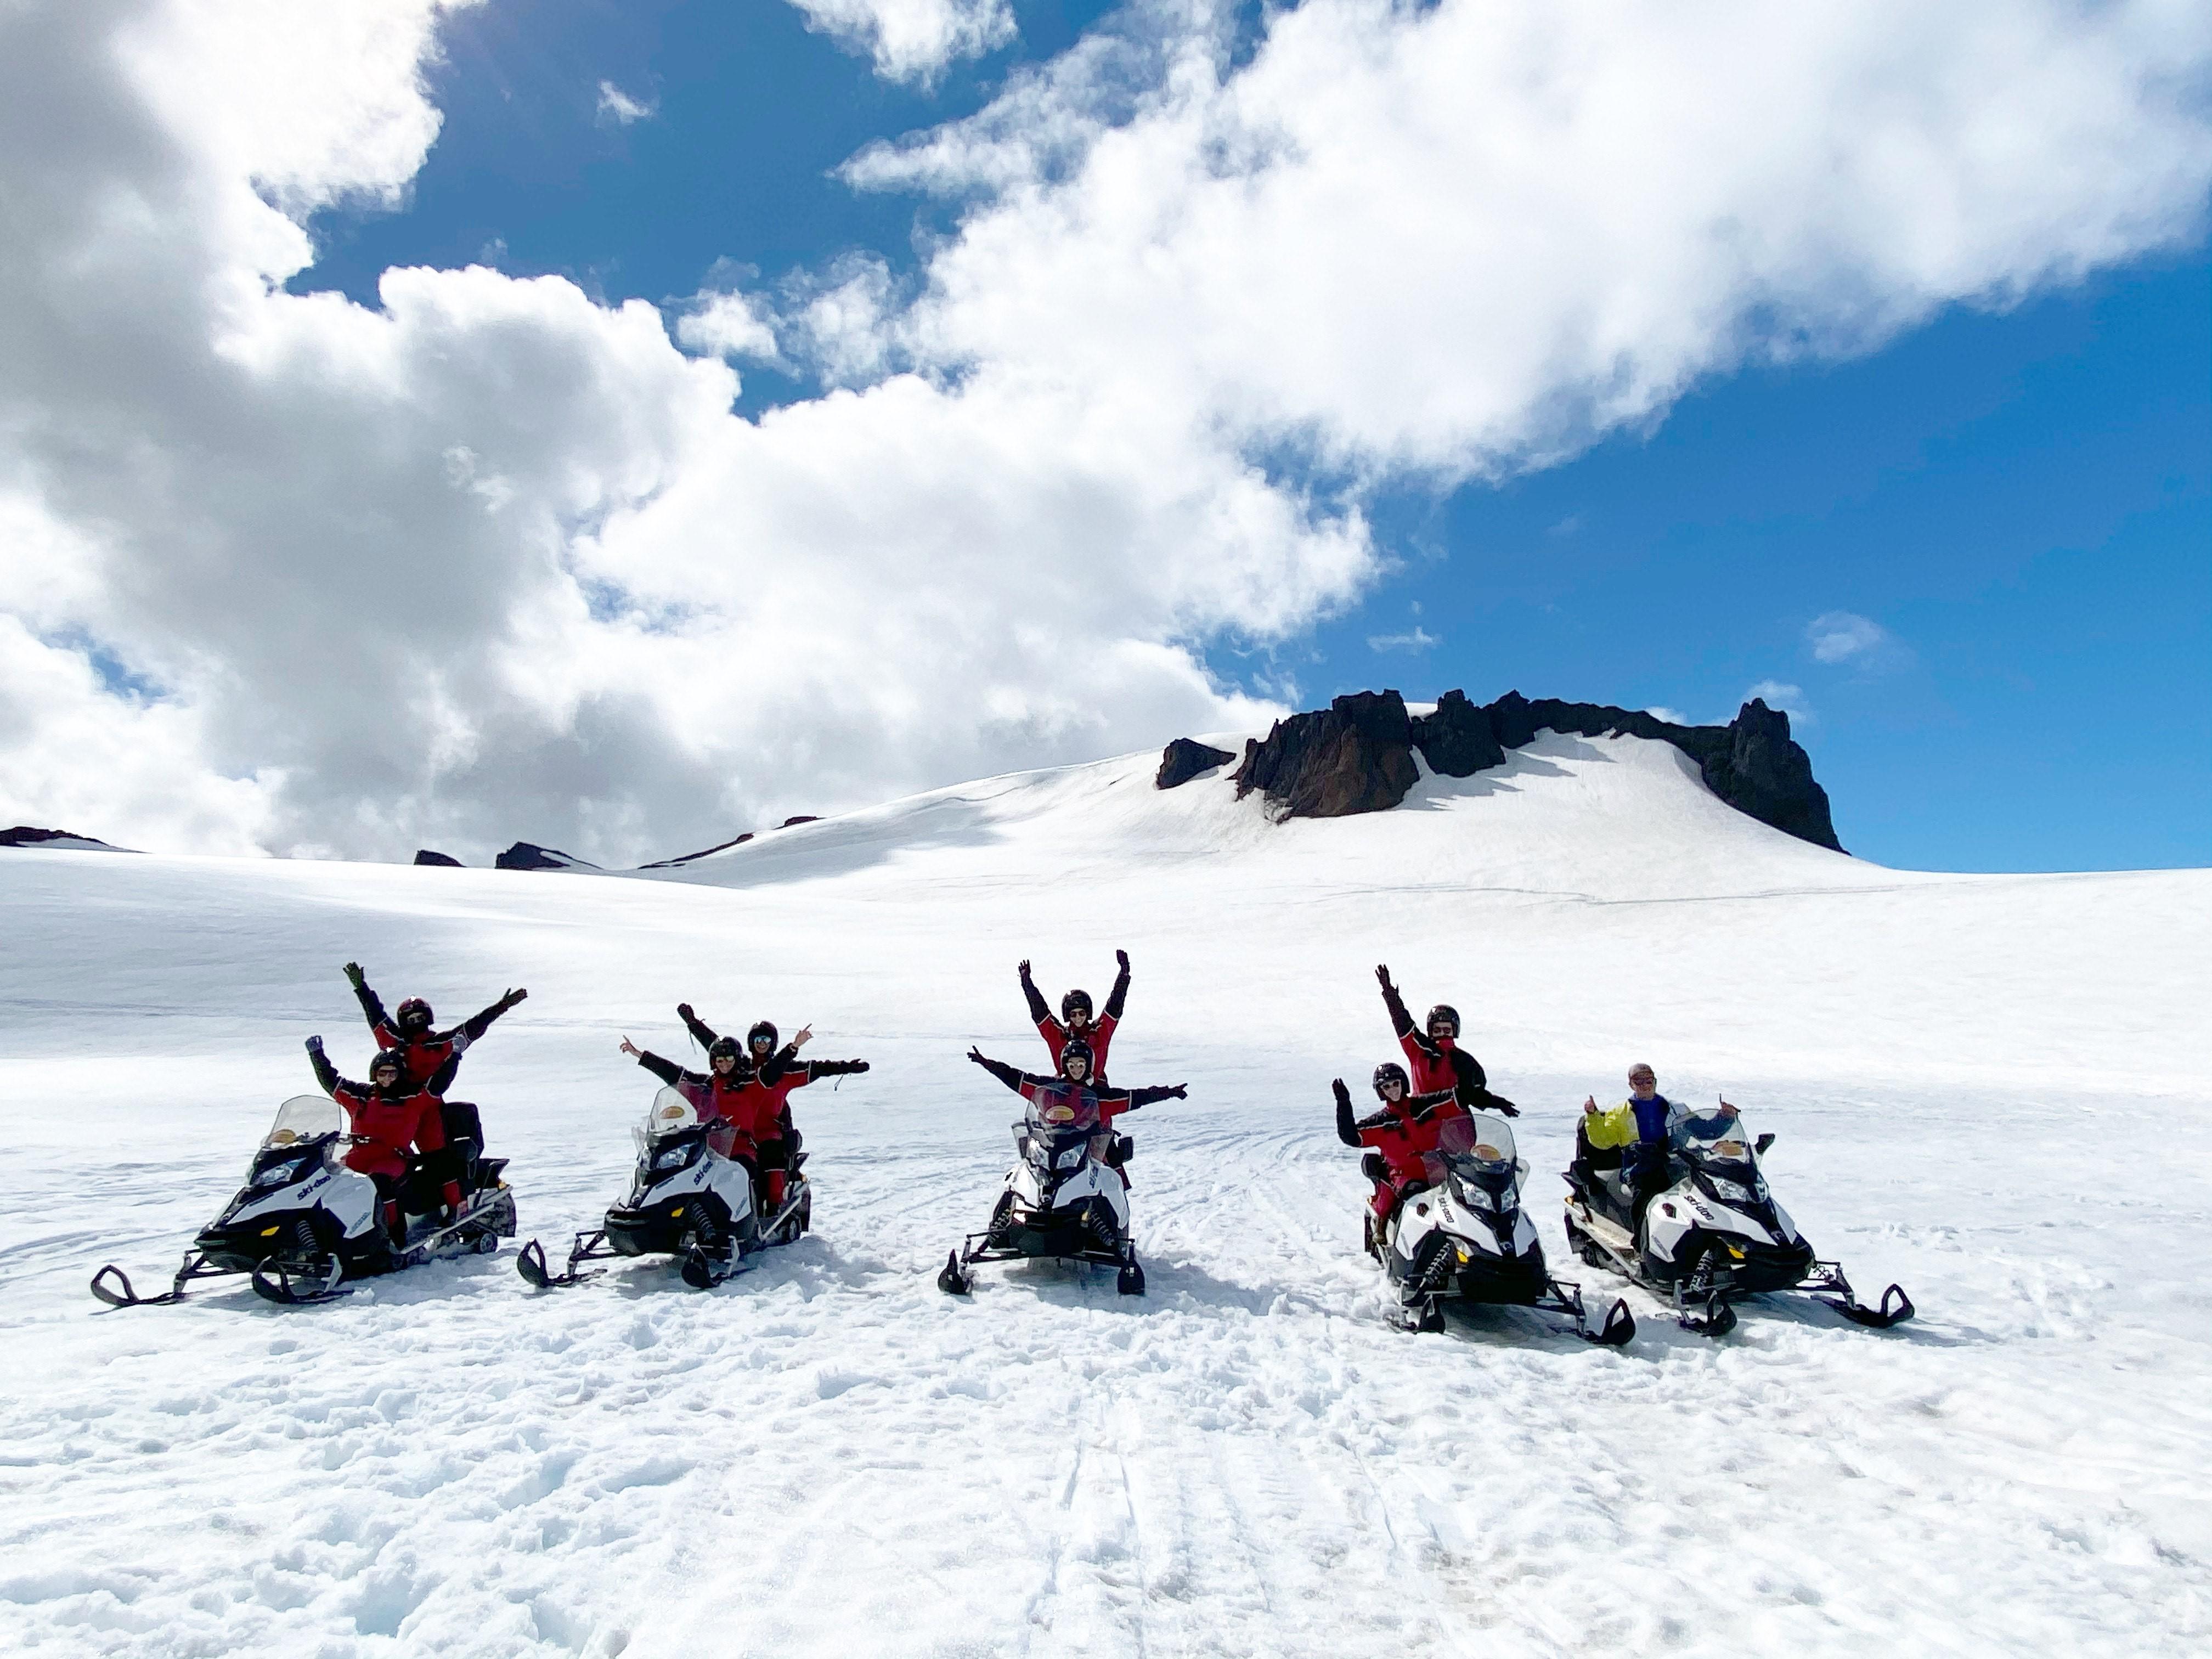 ทัวร์สโนว์โมบิลบนวัทนาโจกุล - ธารน้ำแข็งที่ใหญ่ที่สุดในยุโรป